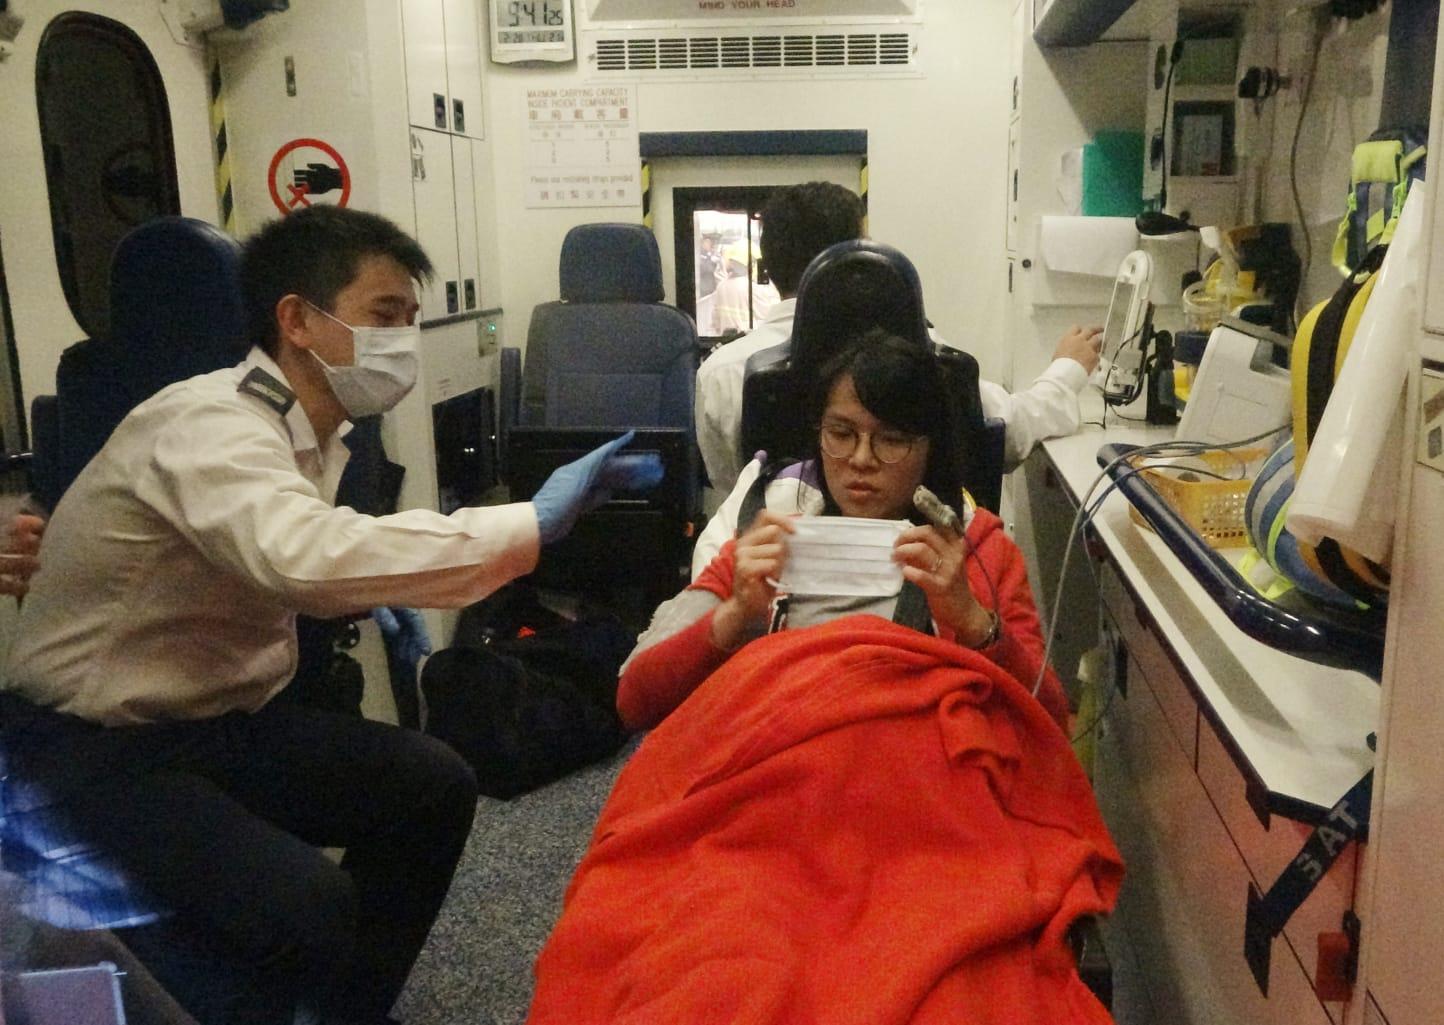 一名女乘客腿部受傷,清醒送院。